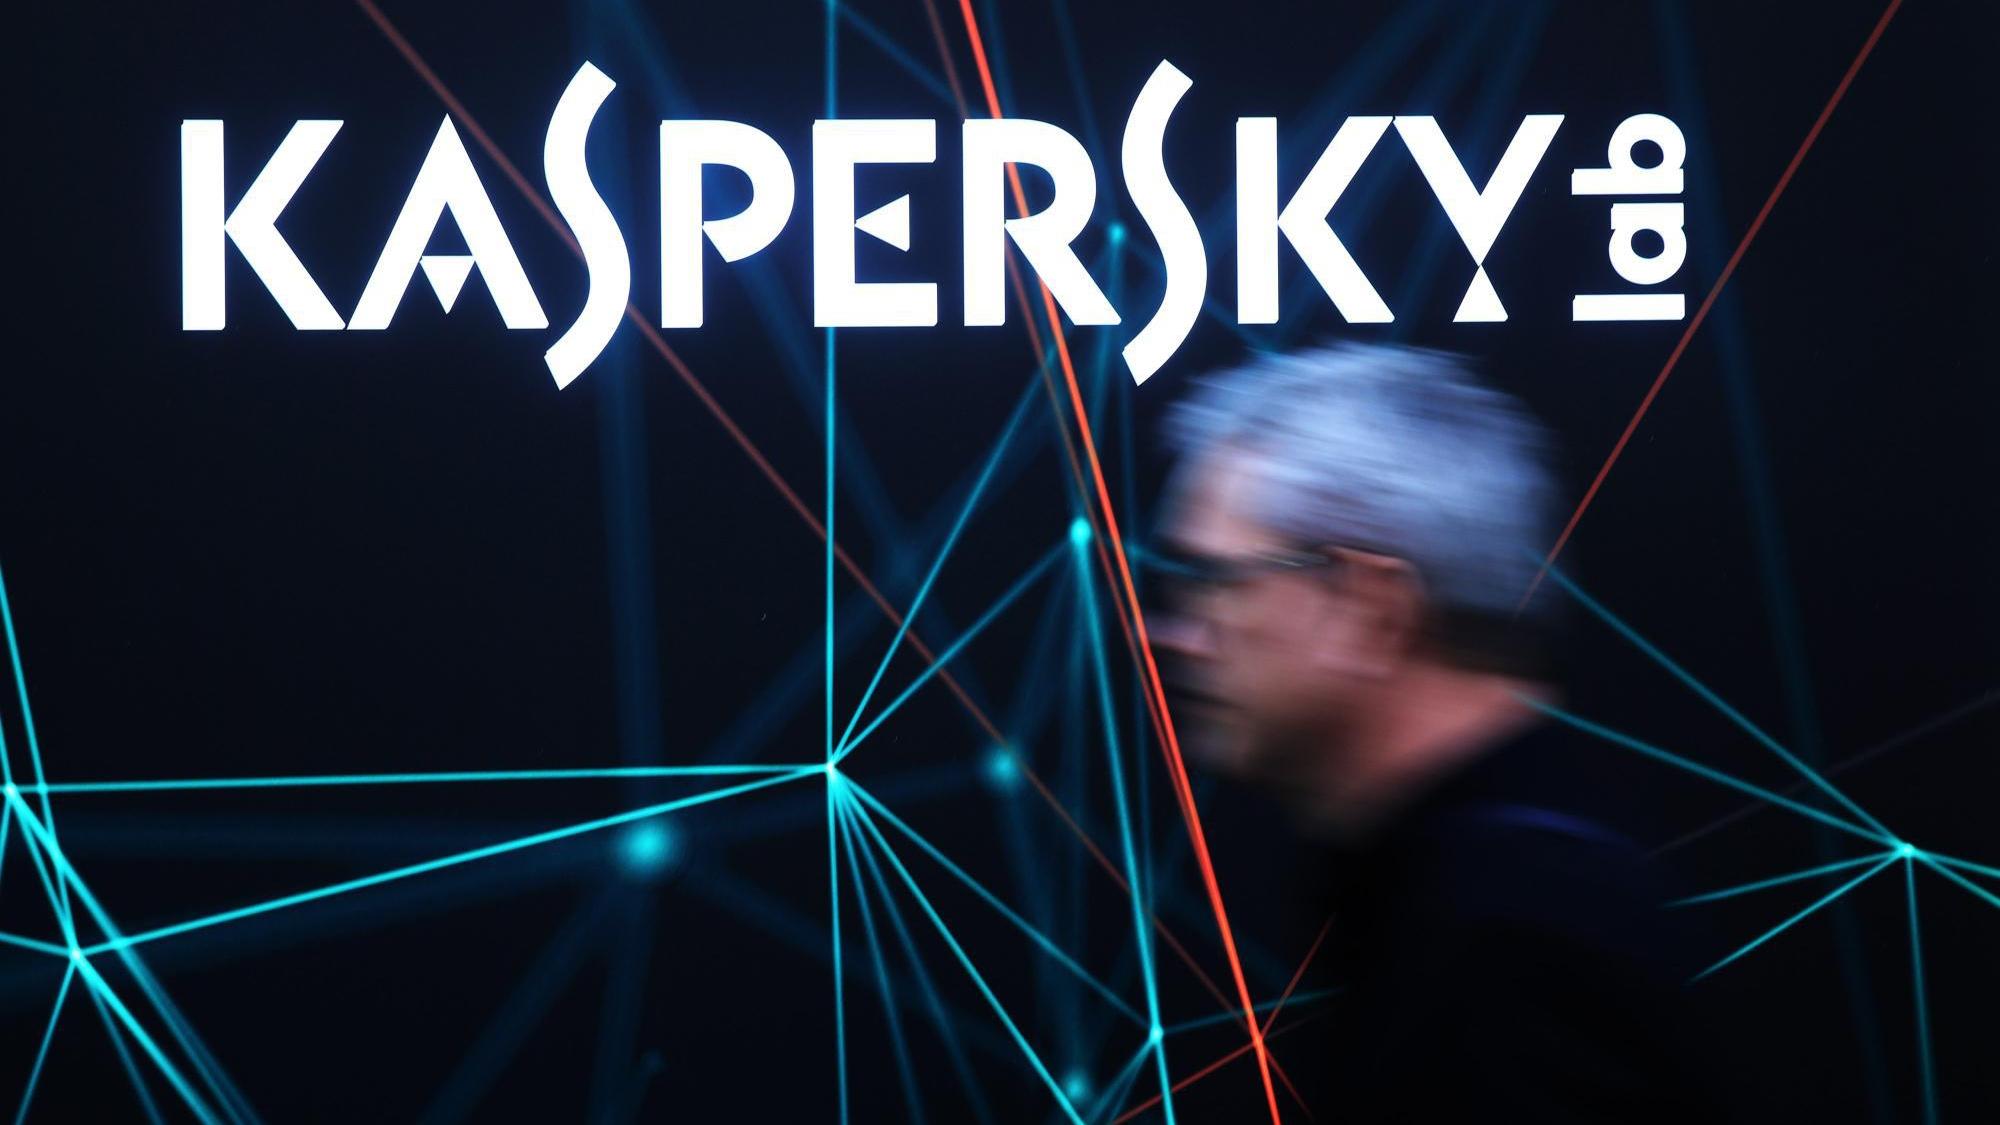 Kaspersky, arriva una nuova soluzione di sicurezza per le imprese thumbnail